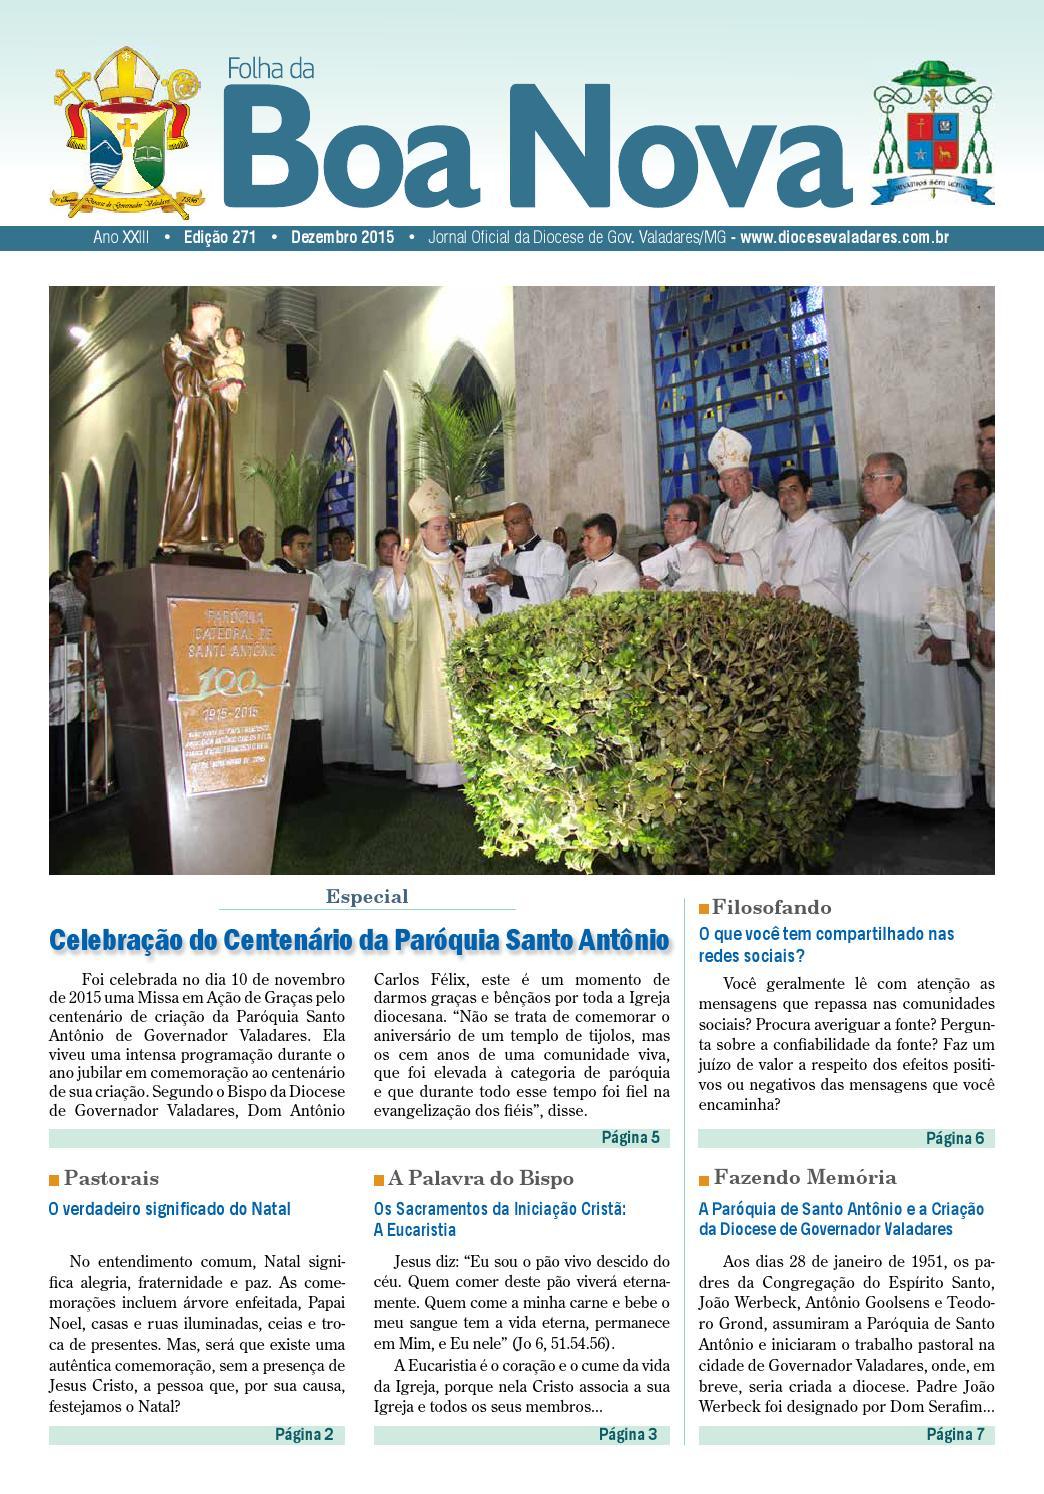 fd0e2ac0fdd2 Folha da Boa Nova Edição de Dezembro/2015 by Dicoese de Governador Valadares  - issuu